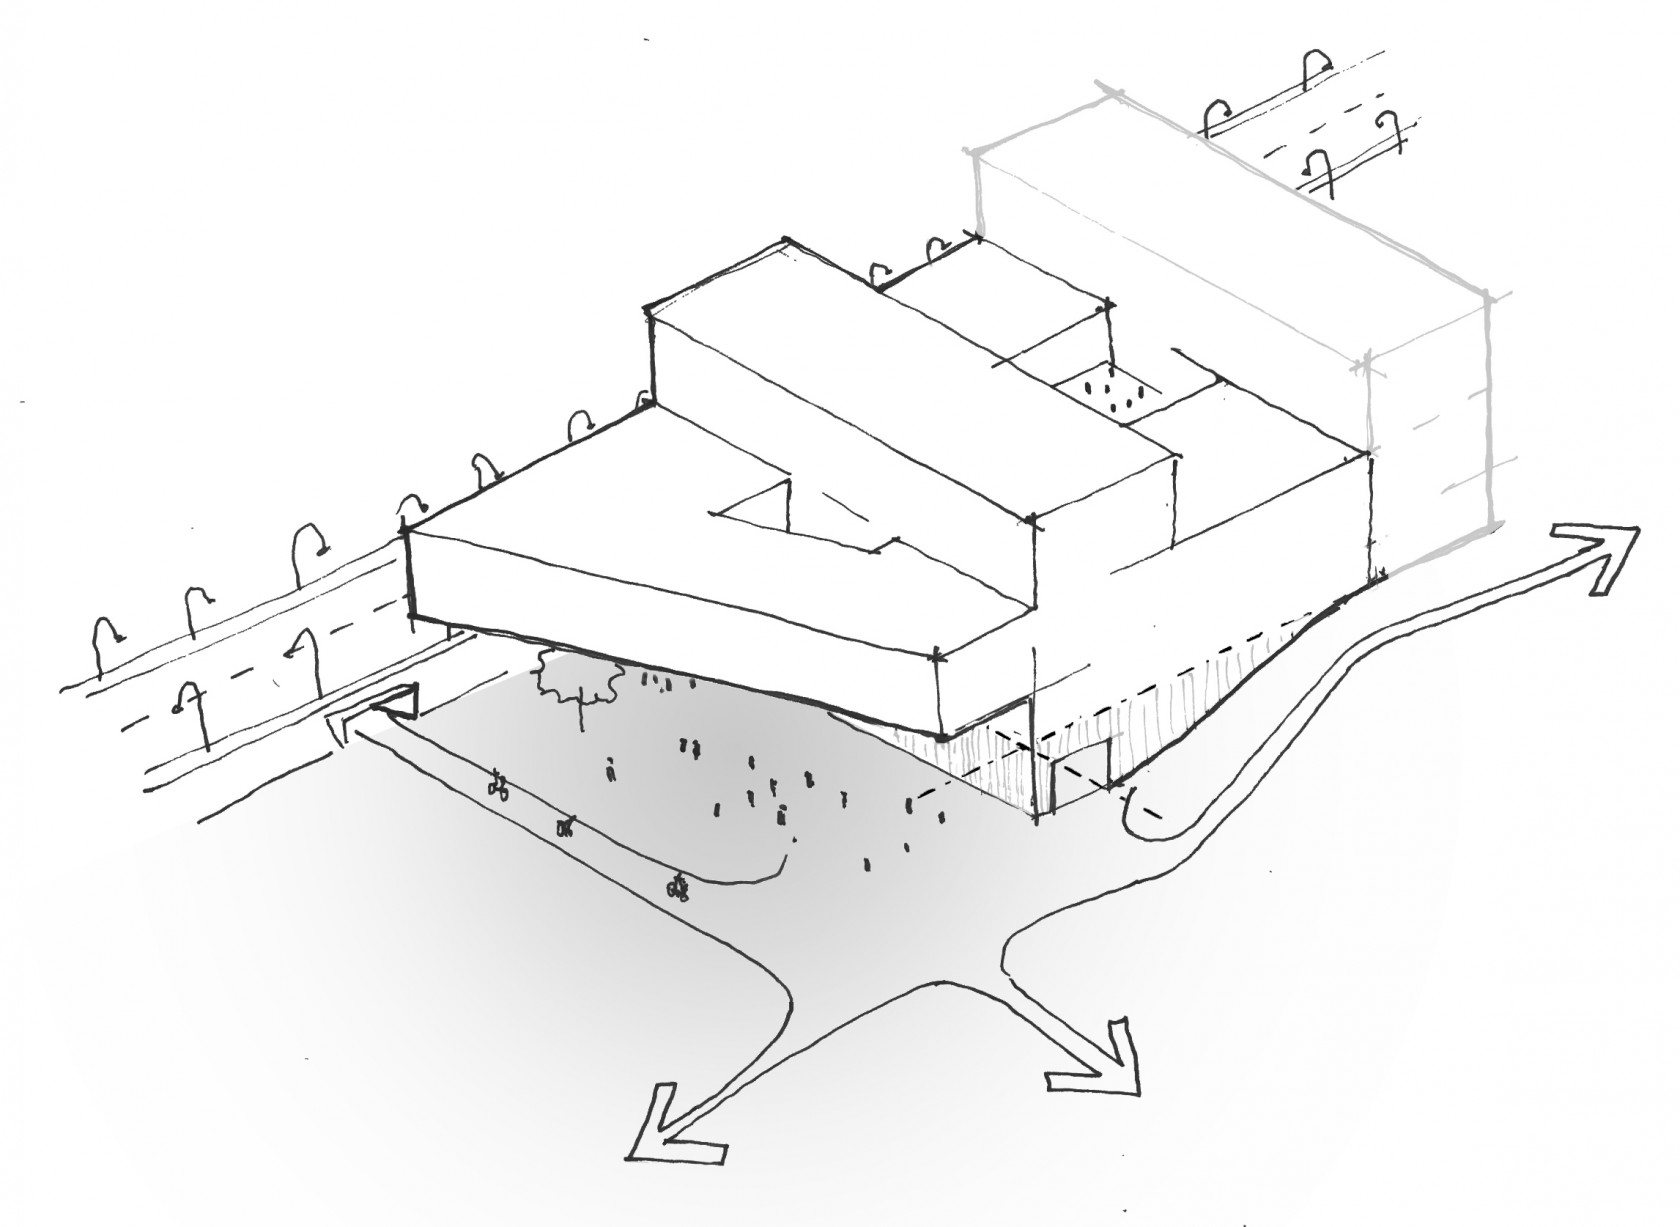 Abscis Architecten - Nieuw overheidsgebouw voor Financiën en Justitie in Asse